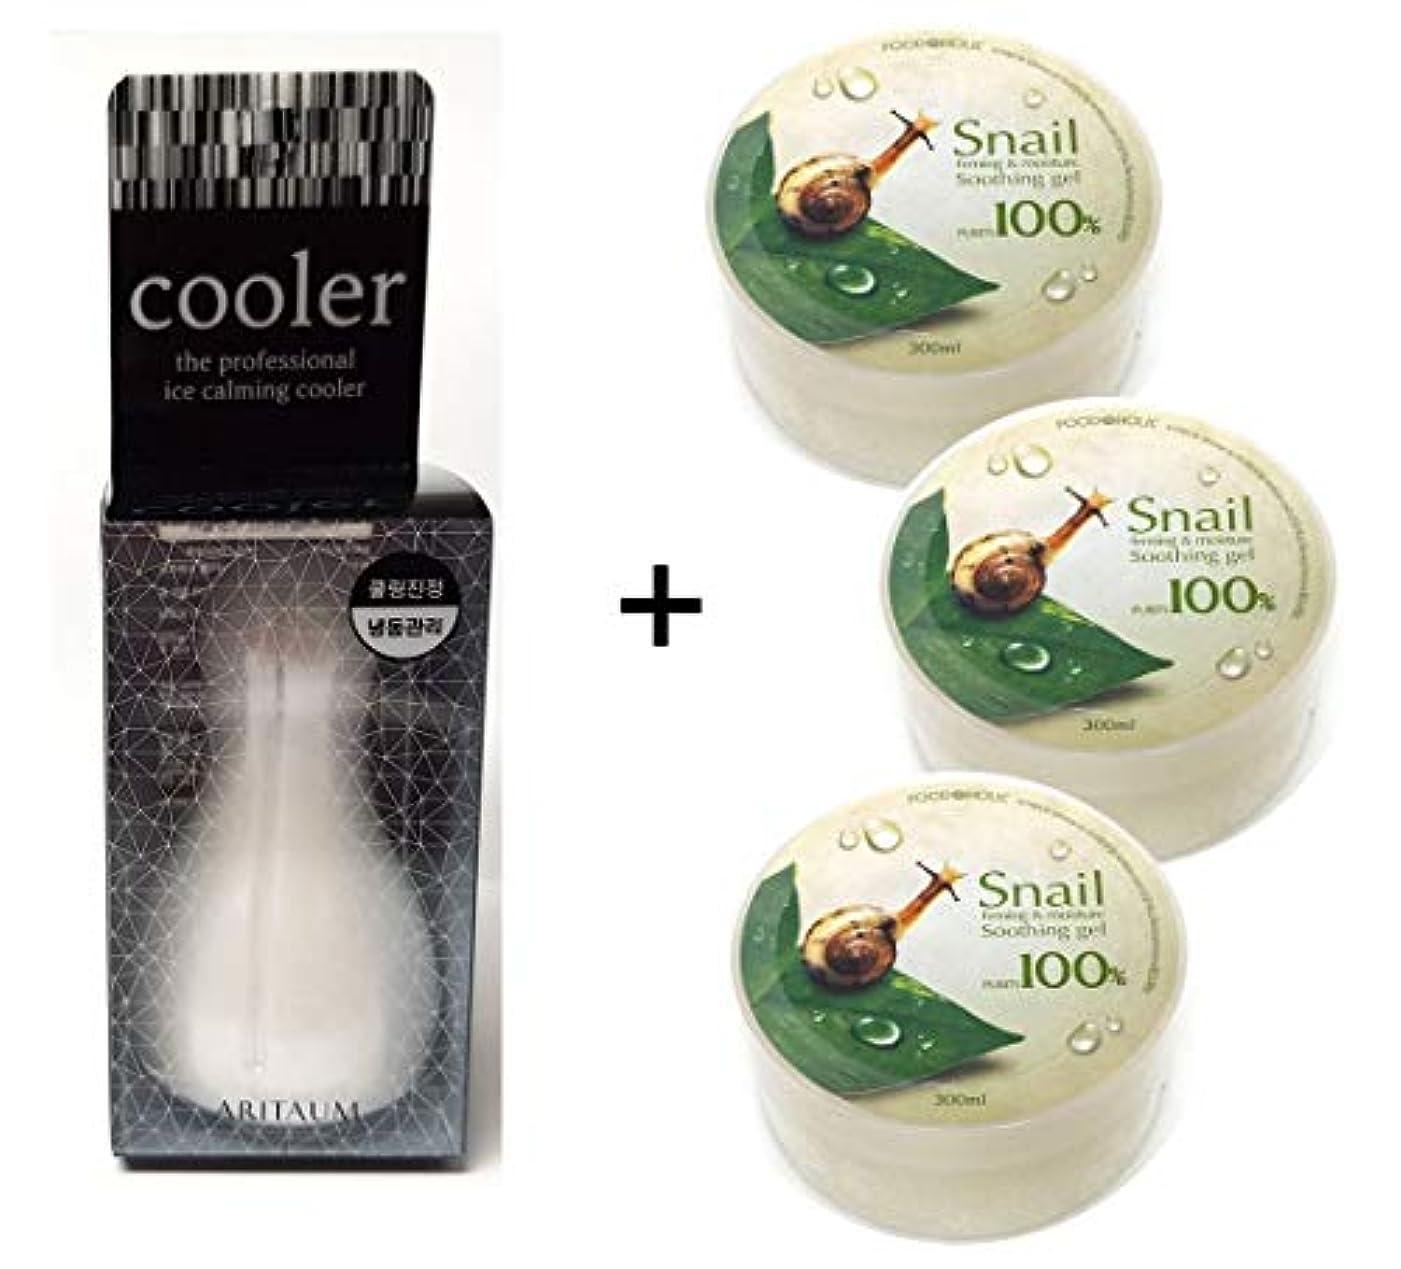 抑圧薄い呪われた[Aritaum]アイスカミングクーラー1EA + カタツムリスージングジェル3EA / Ice Calming Cooler 1EA + Snail Soothing gel 3EA / フェイスボディクール冷凍/スキンマッサージ/For Face Body Cool Frozen/skin massage [並行輸入品]